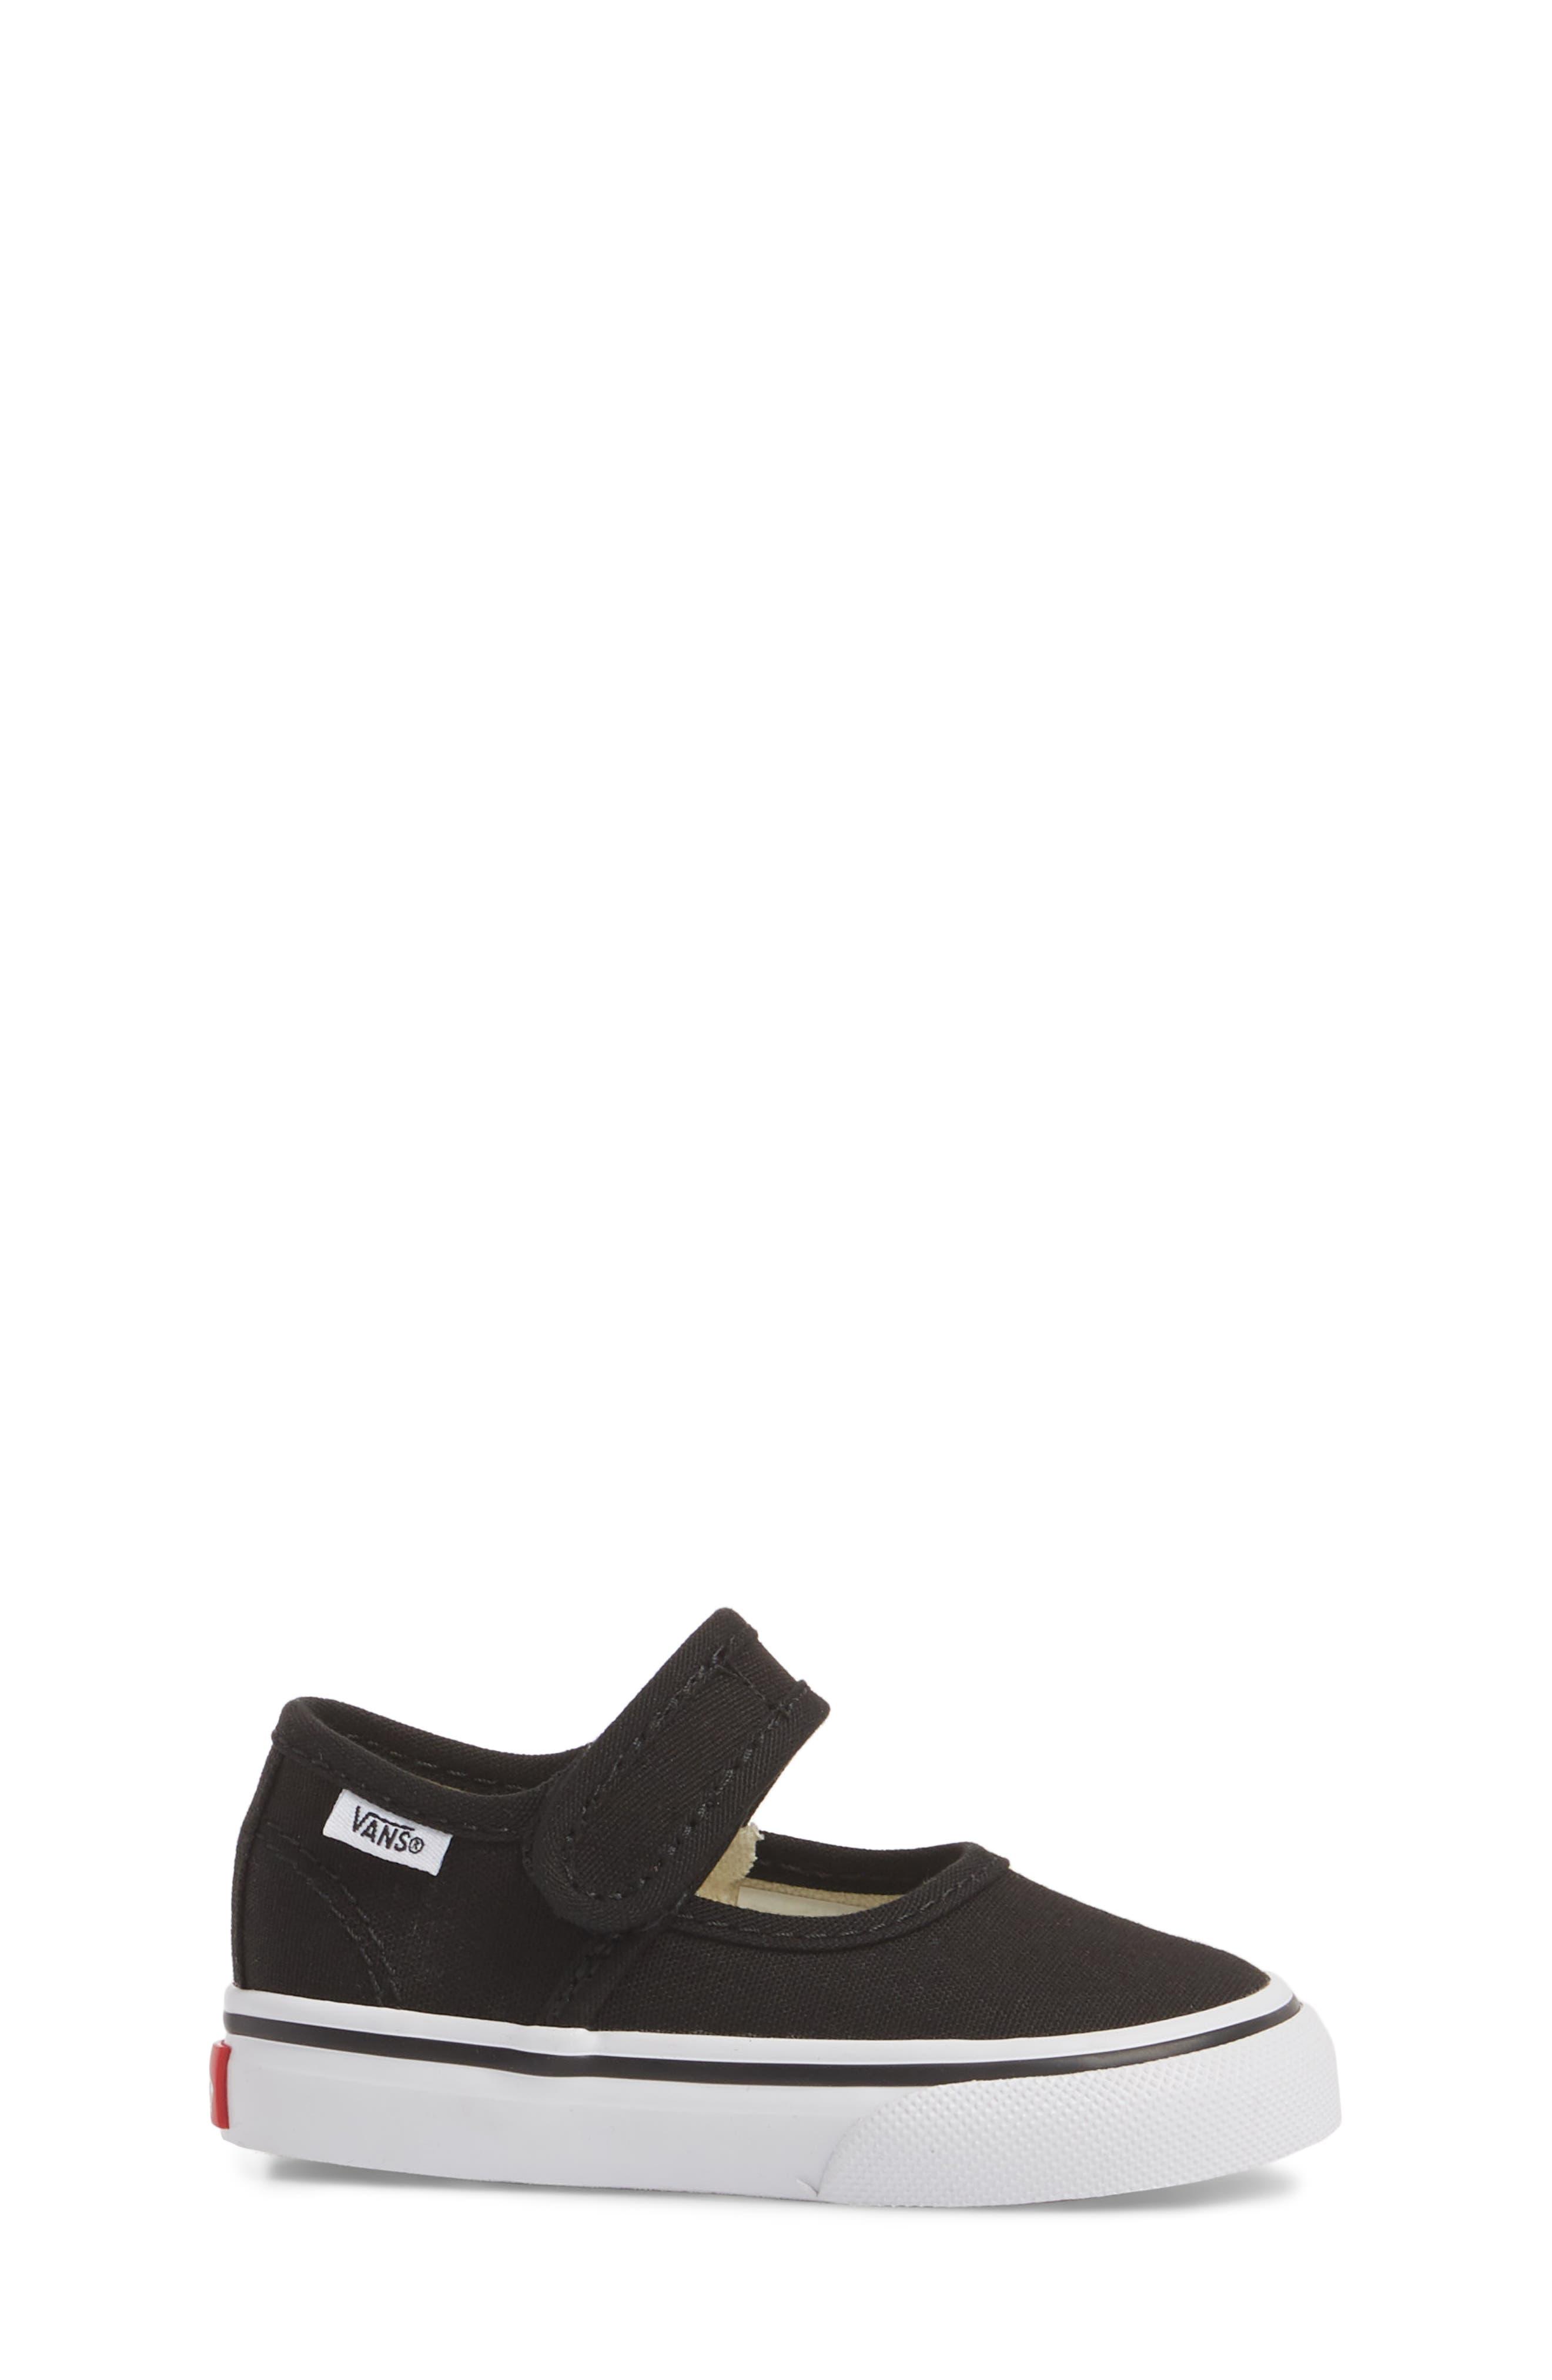 VANS,                             Mary Jane Sneaker,                             Alternate thumbnail 3, color,                             001